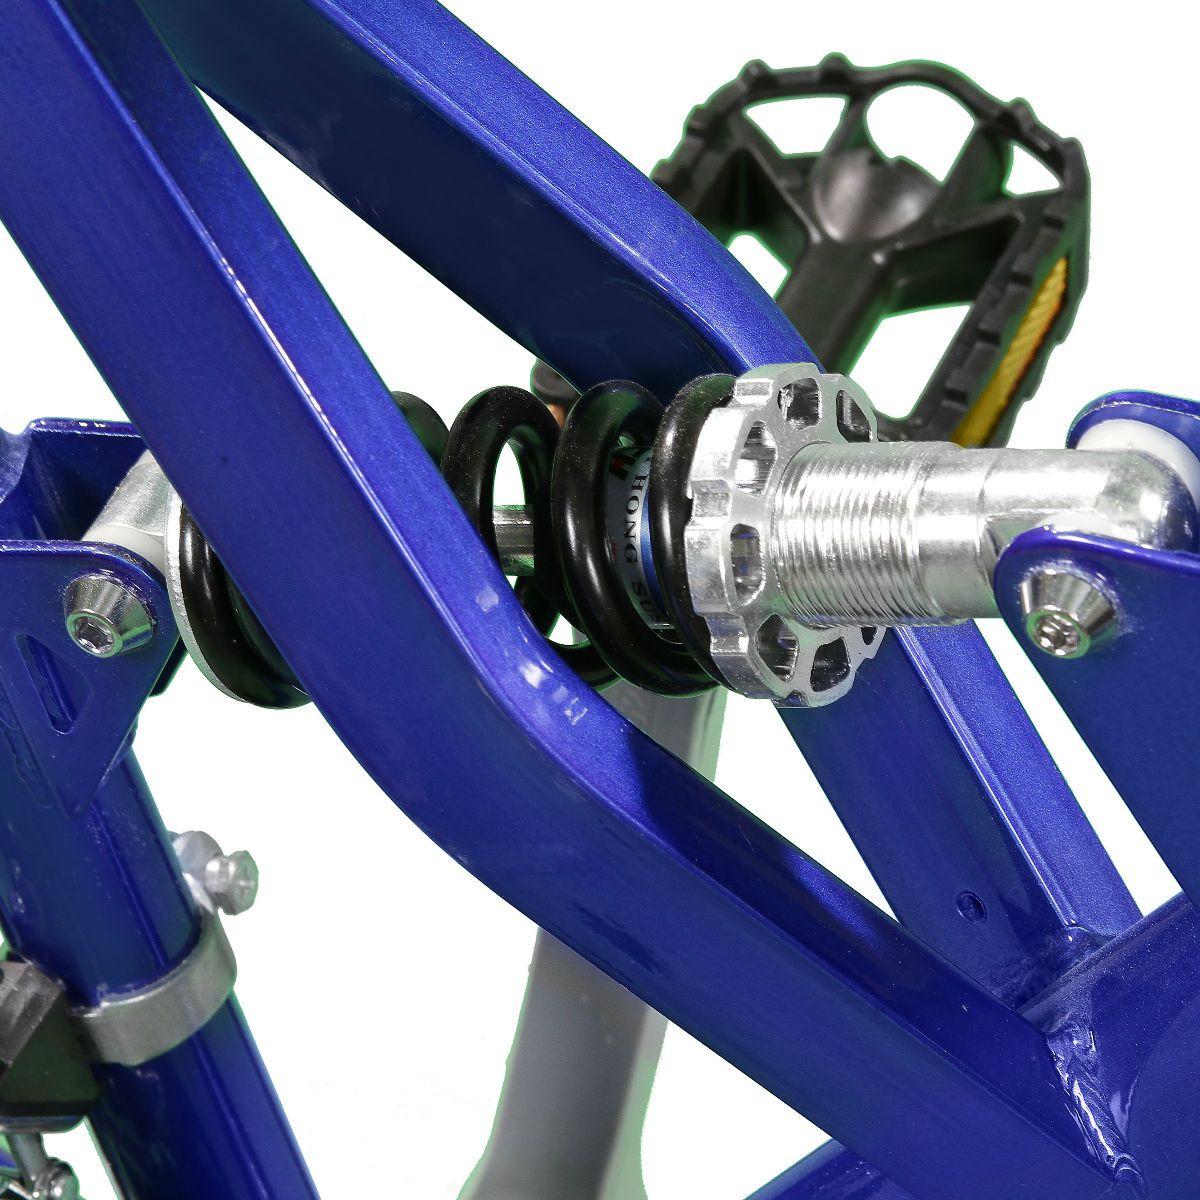 Bicicleta Master Bike Aro 26 Totem Suspensão Full Baixa A-36 21 Marchas Azul